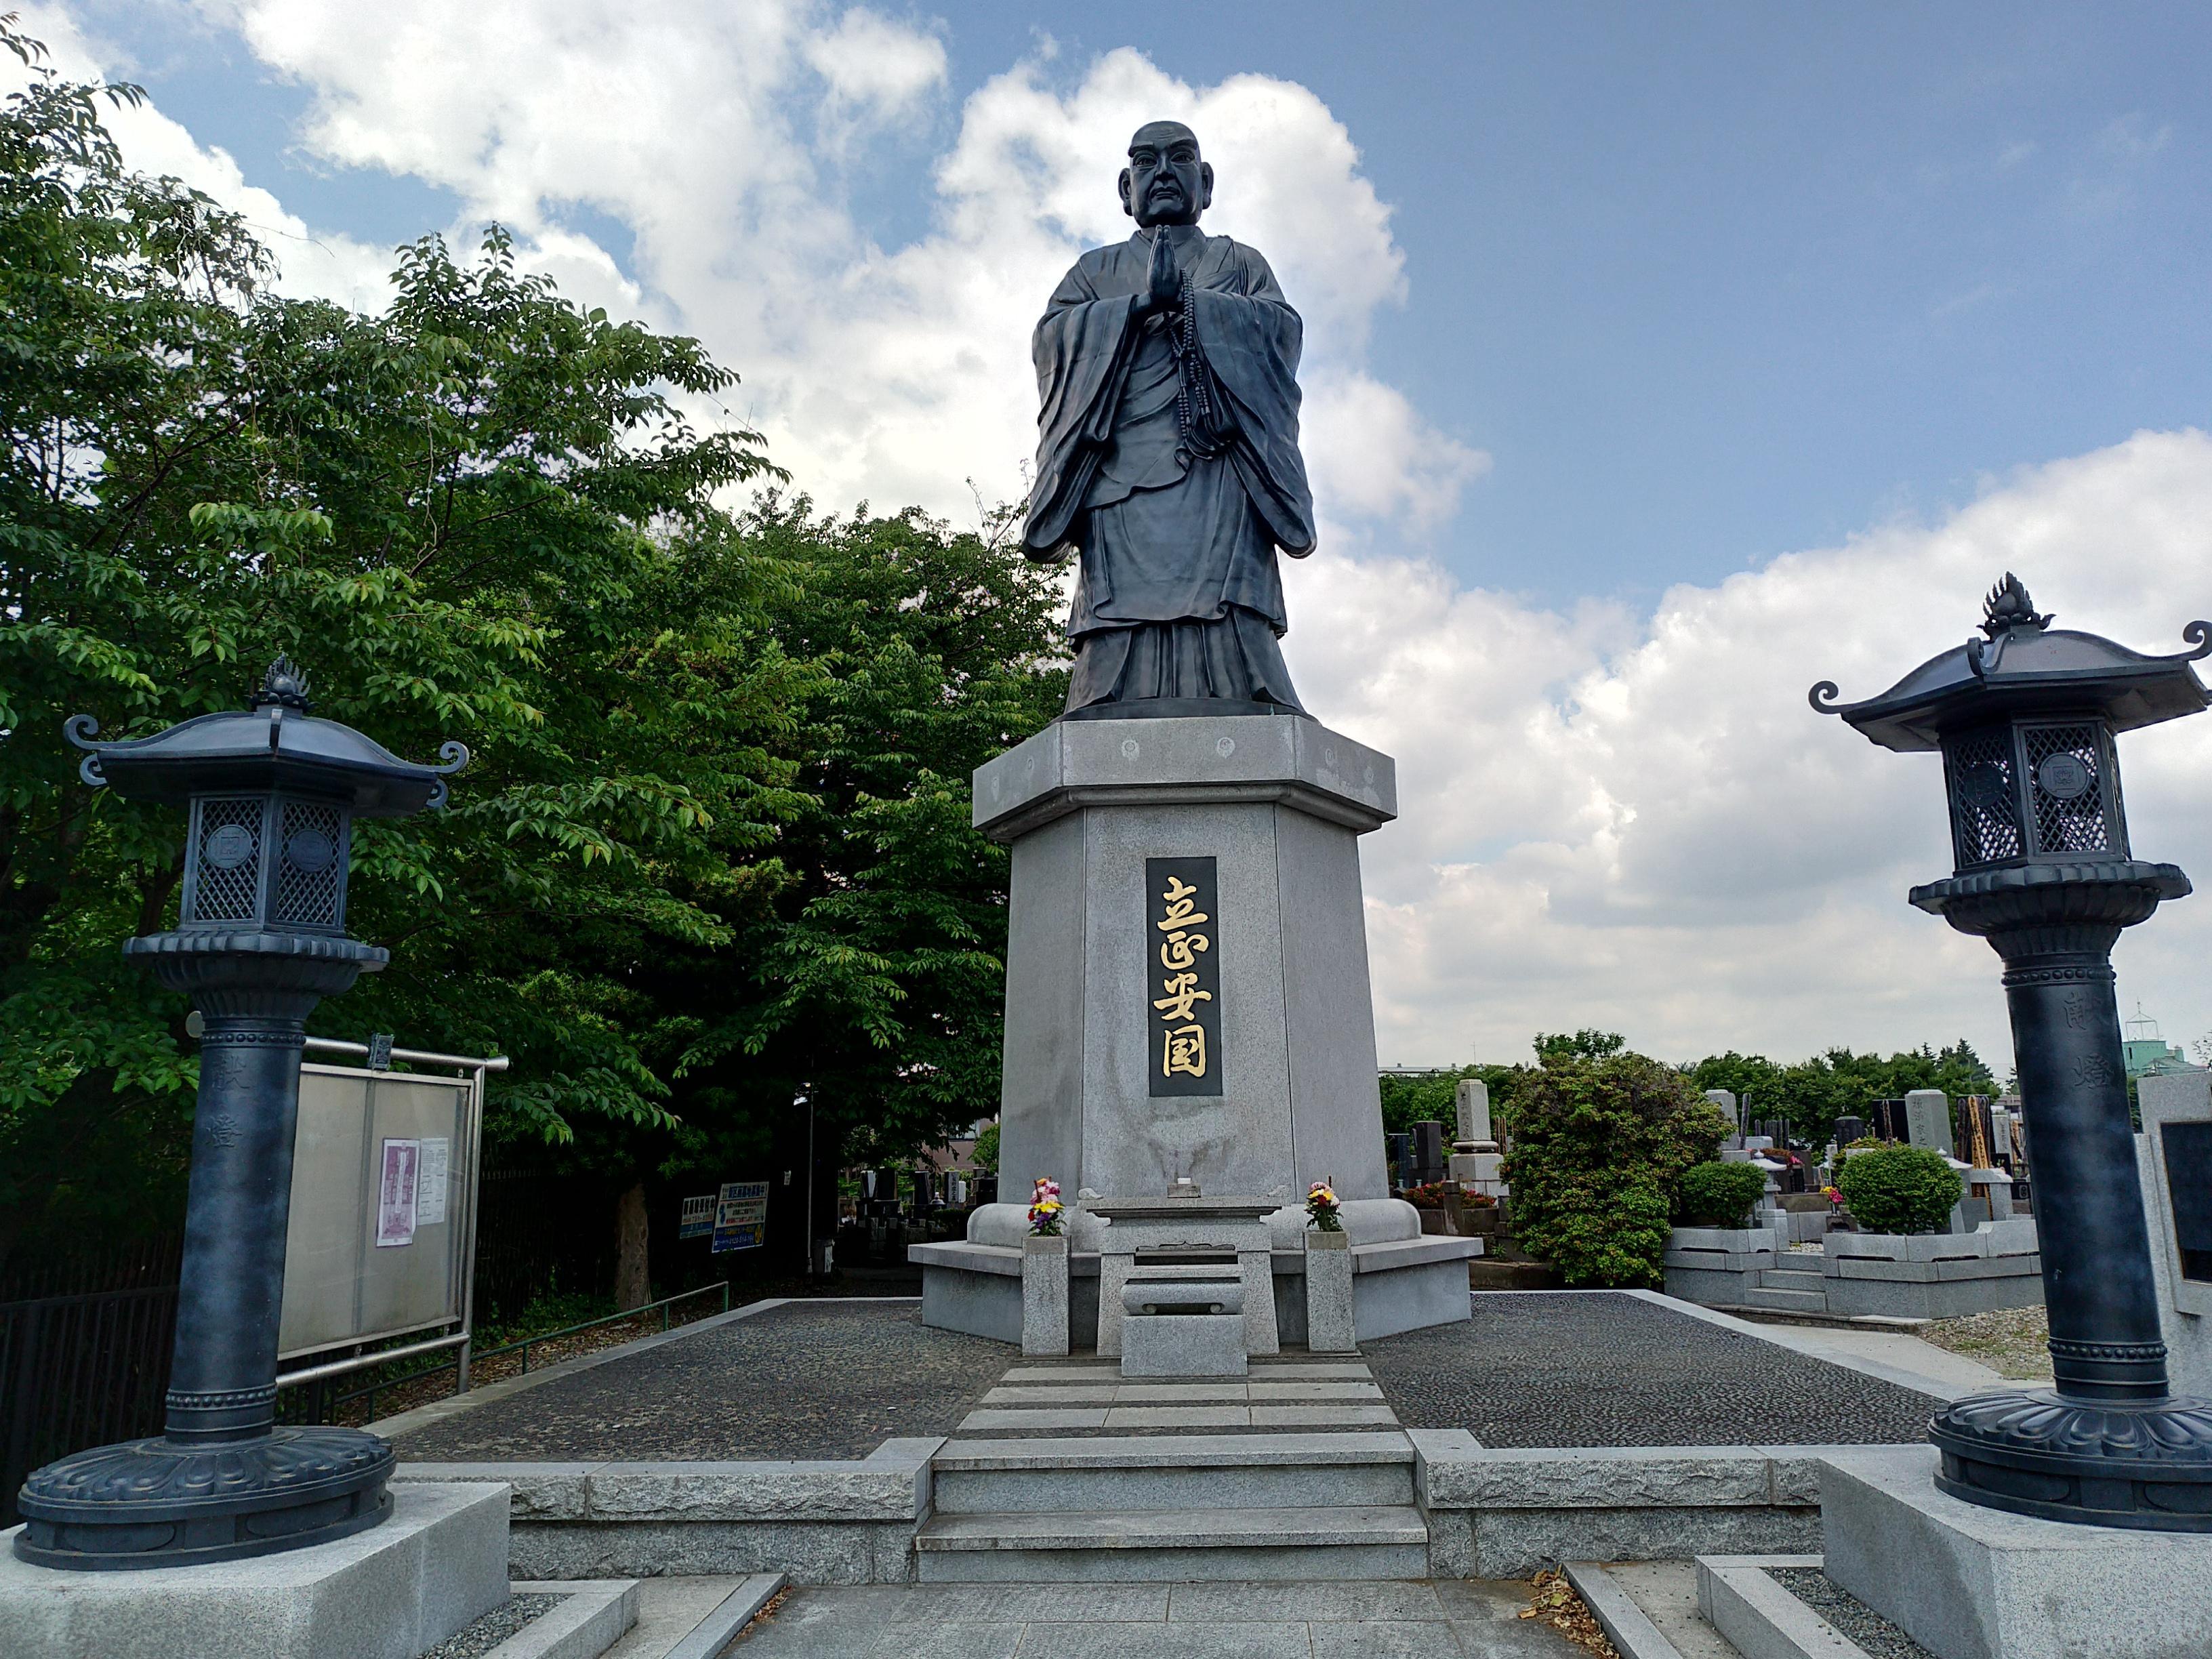 常照寺の像